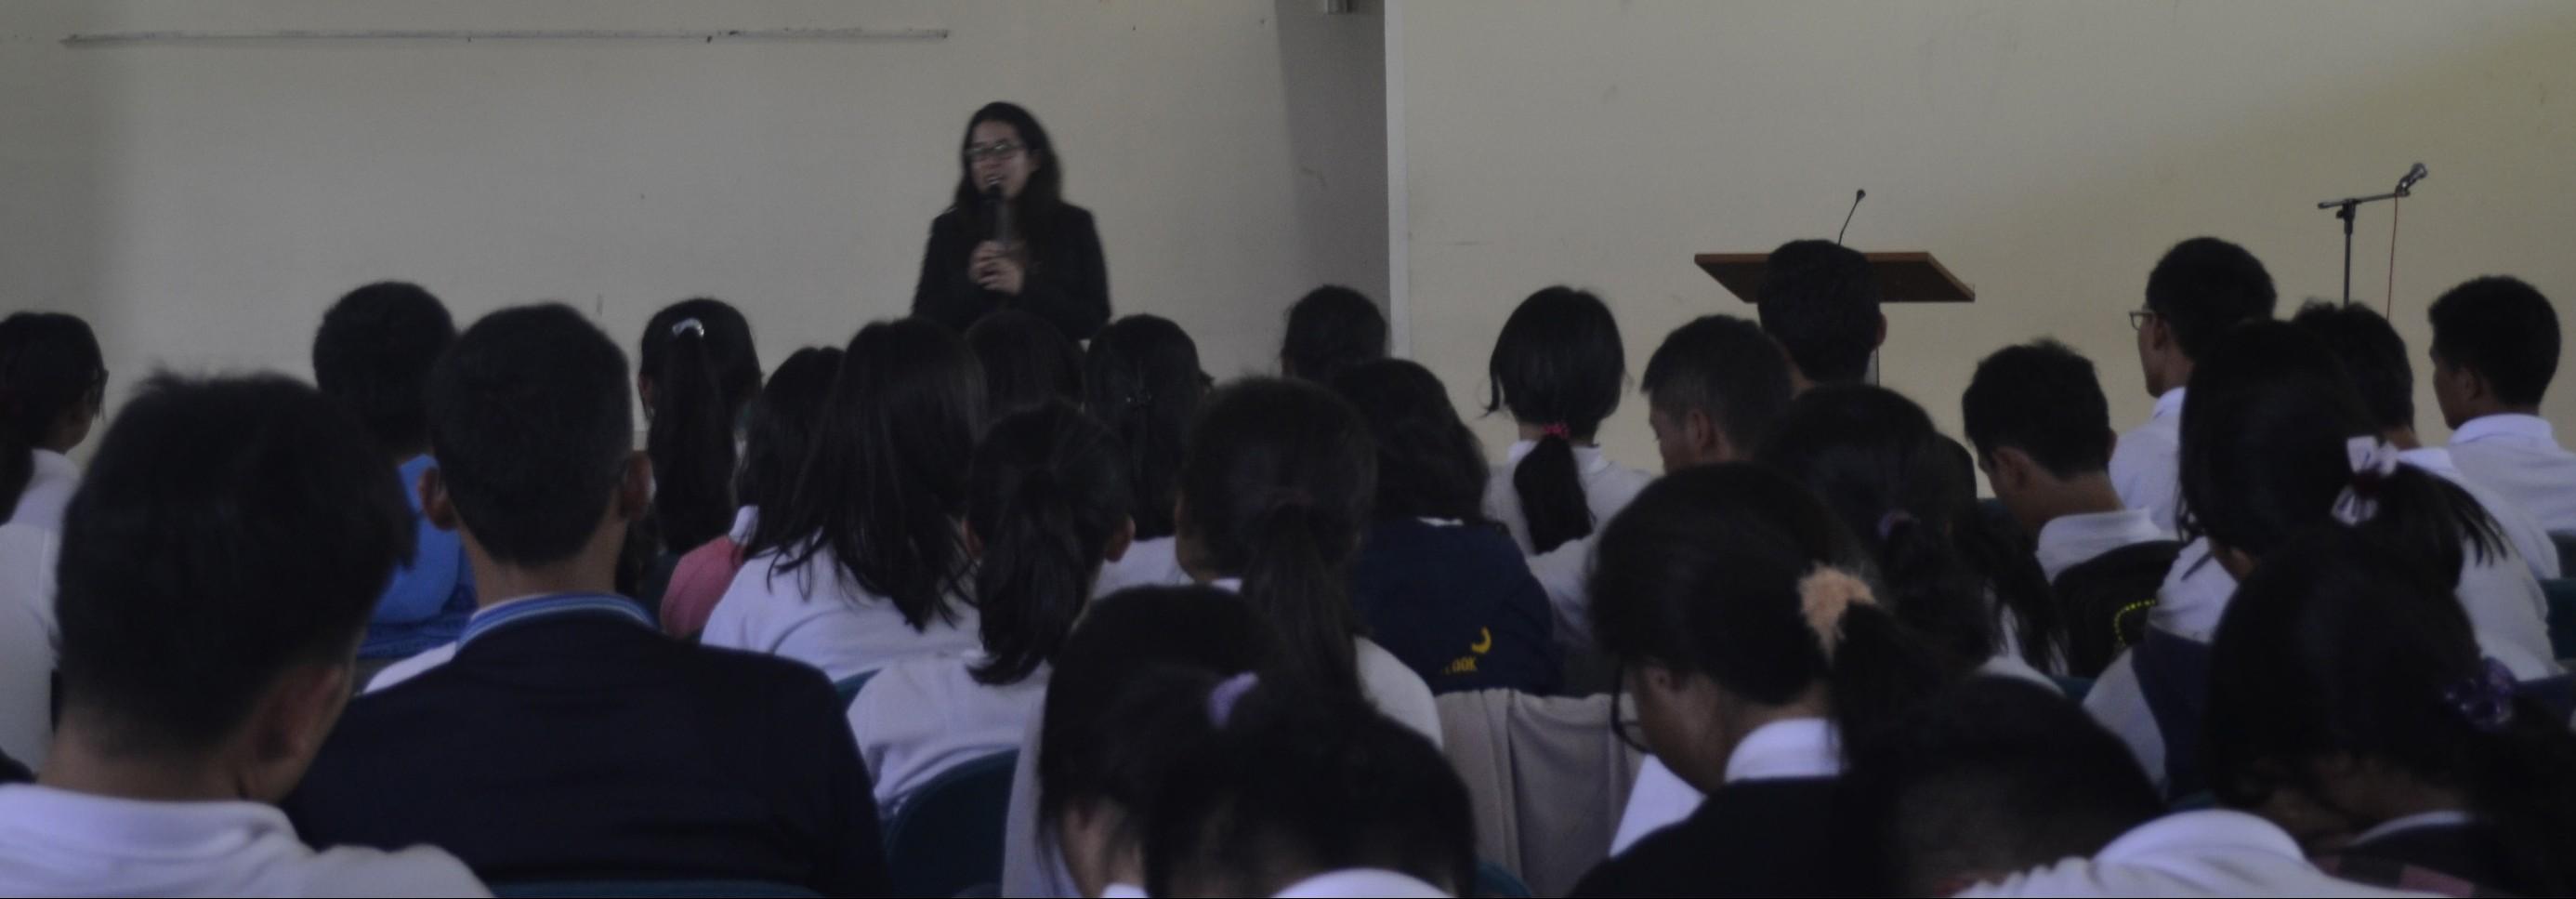 Kuliah Umum oleh Anna Yuliarti Khodijah dari Universitas Indonesia di IT Del